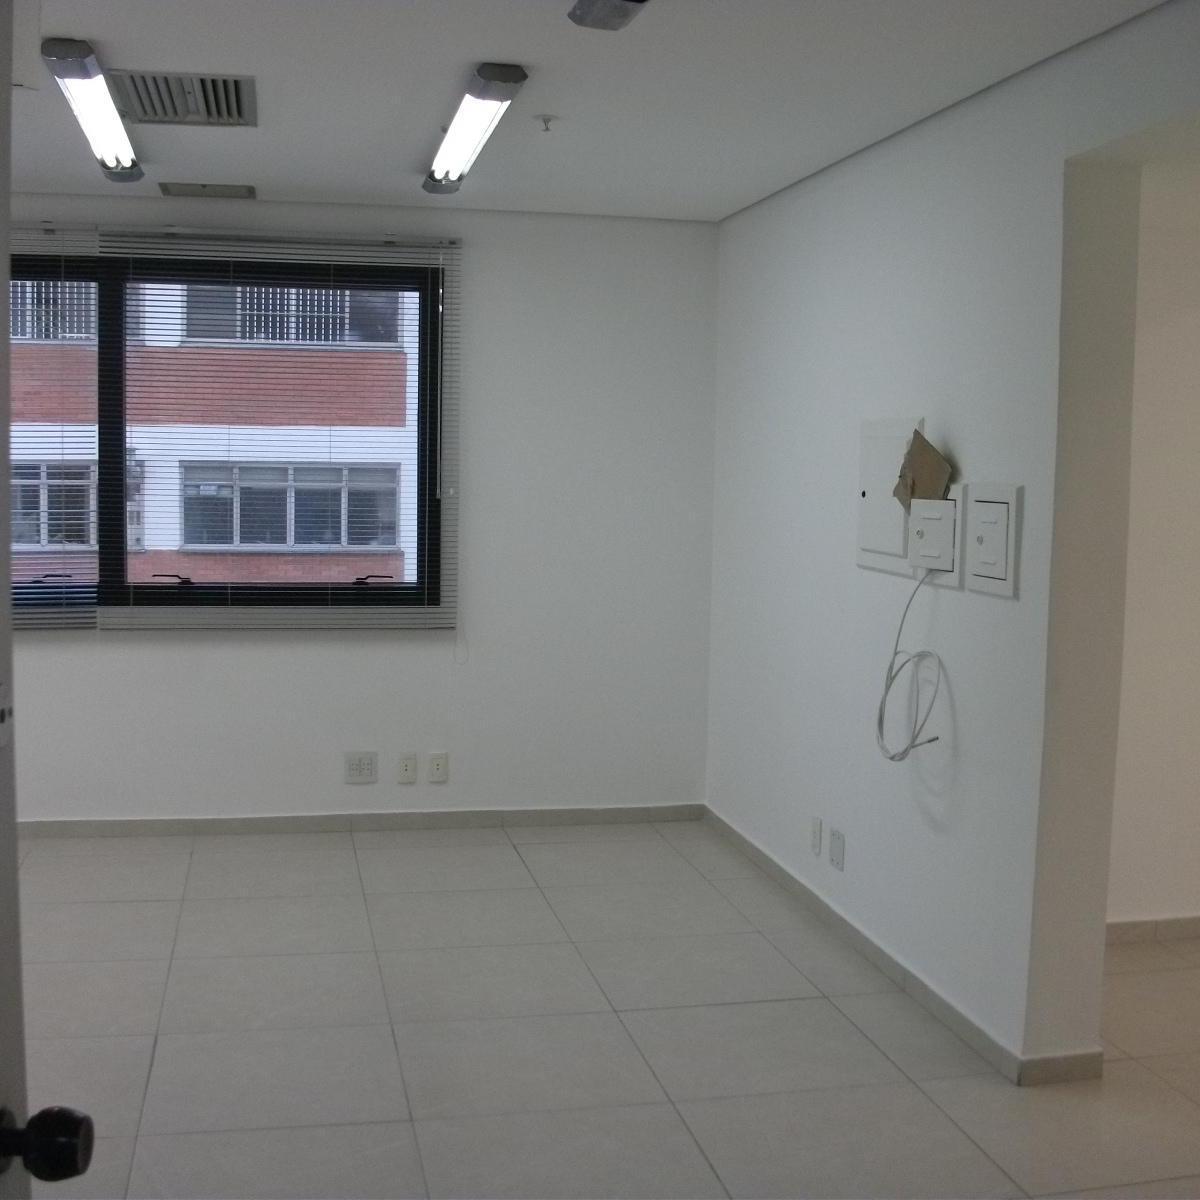 Perdizes - Escritório Sala dupla excelente estado - Rua Monte Alegre - 2 vagas